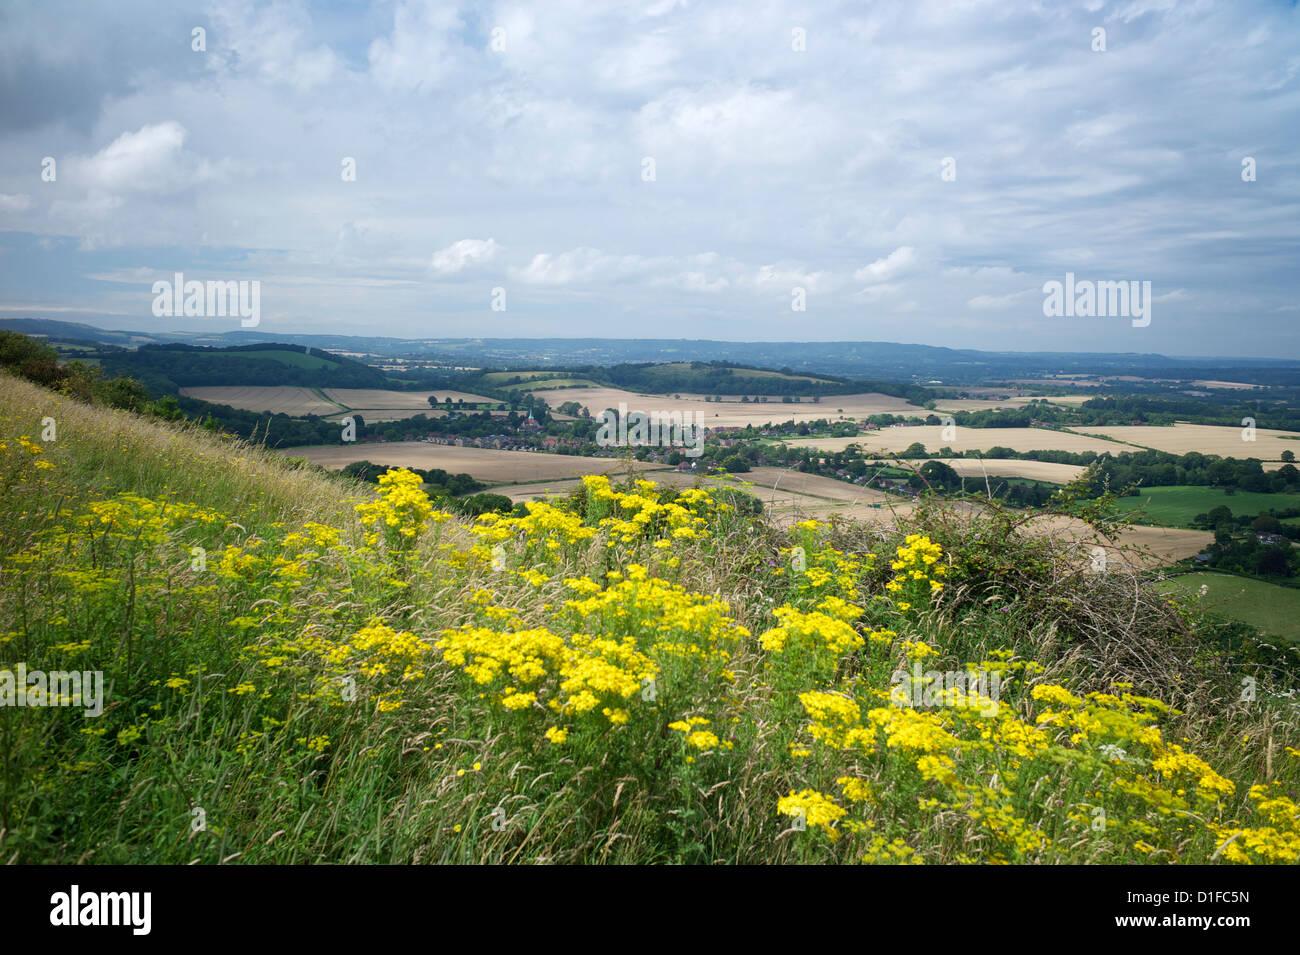 A sud verso il basso modo, vicino a sud Harting, Hampshire, Inghilterra, Regno Unito, Europa Immagini Stock